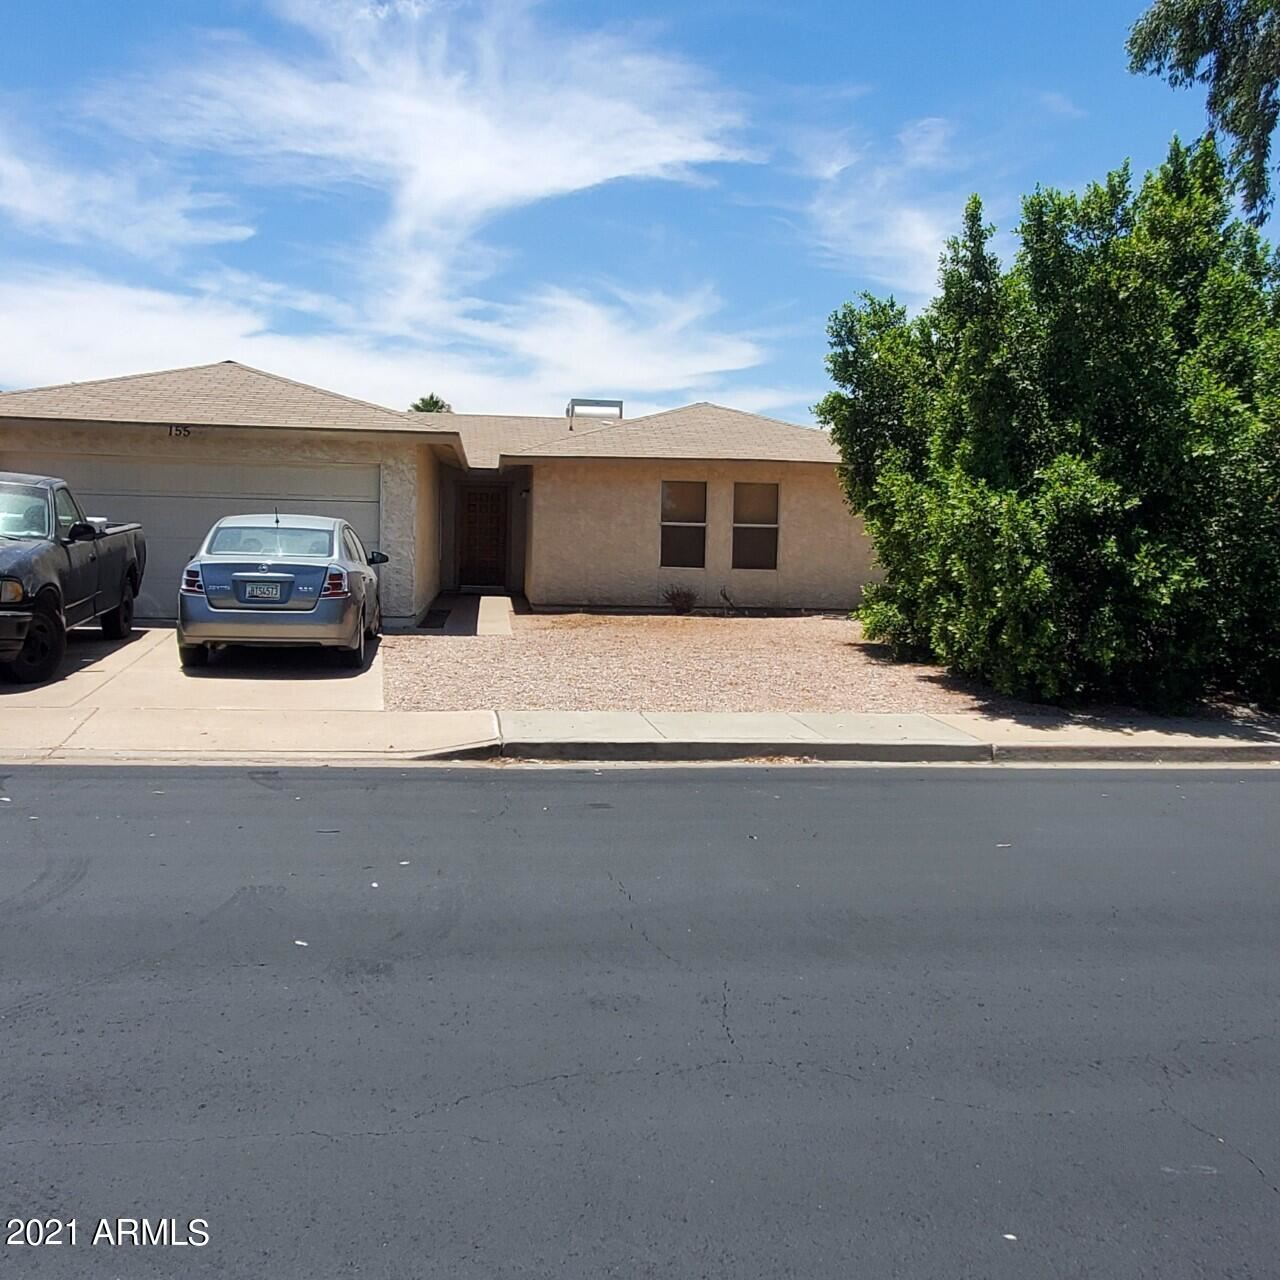 Photo of 155 W HUNTER Street, Mesa, AZ 85201 (MLS # 6249667)